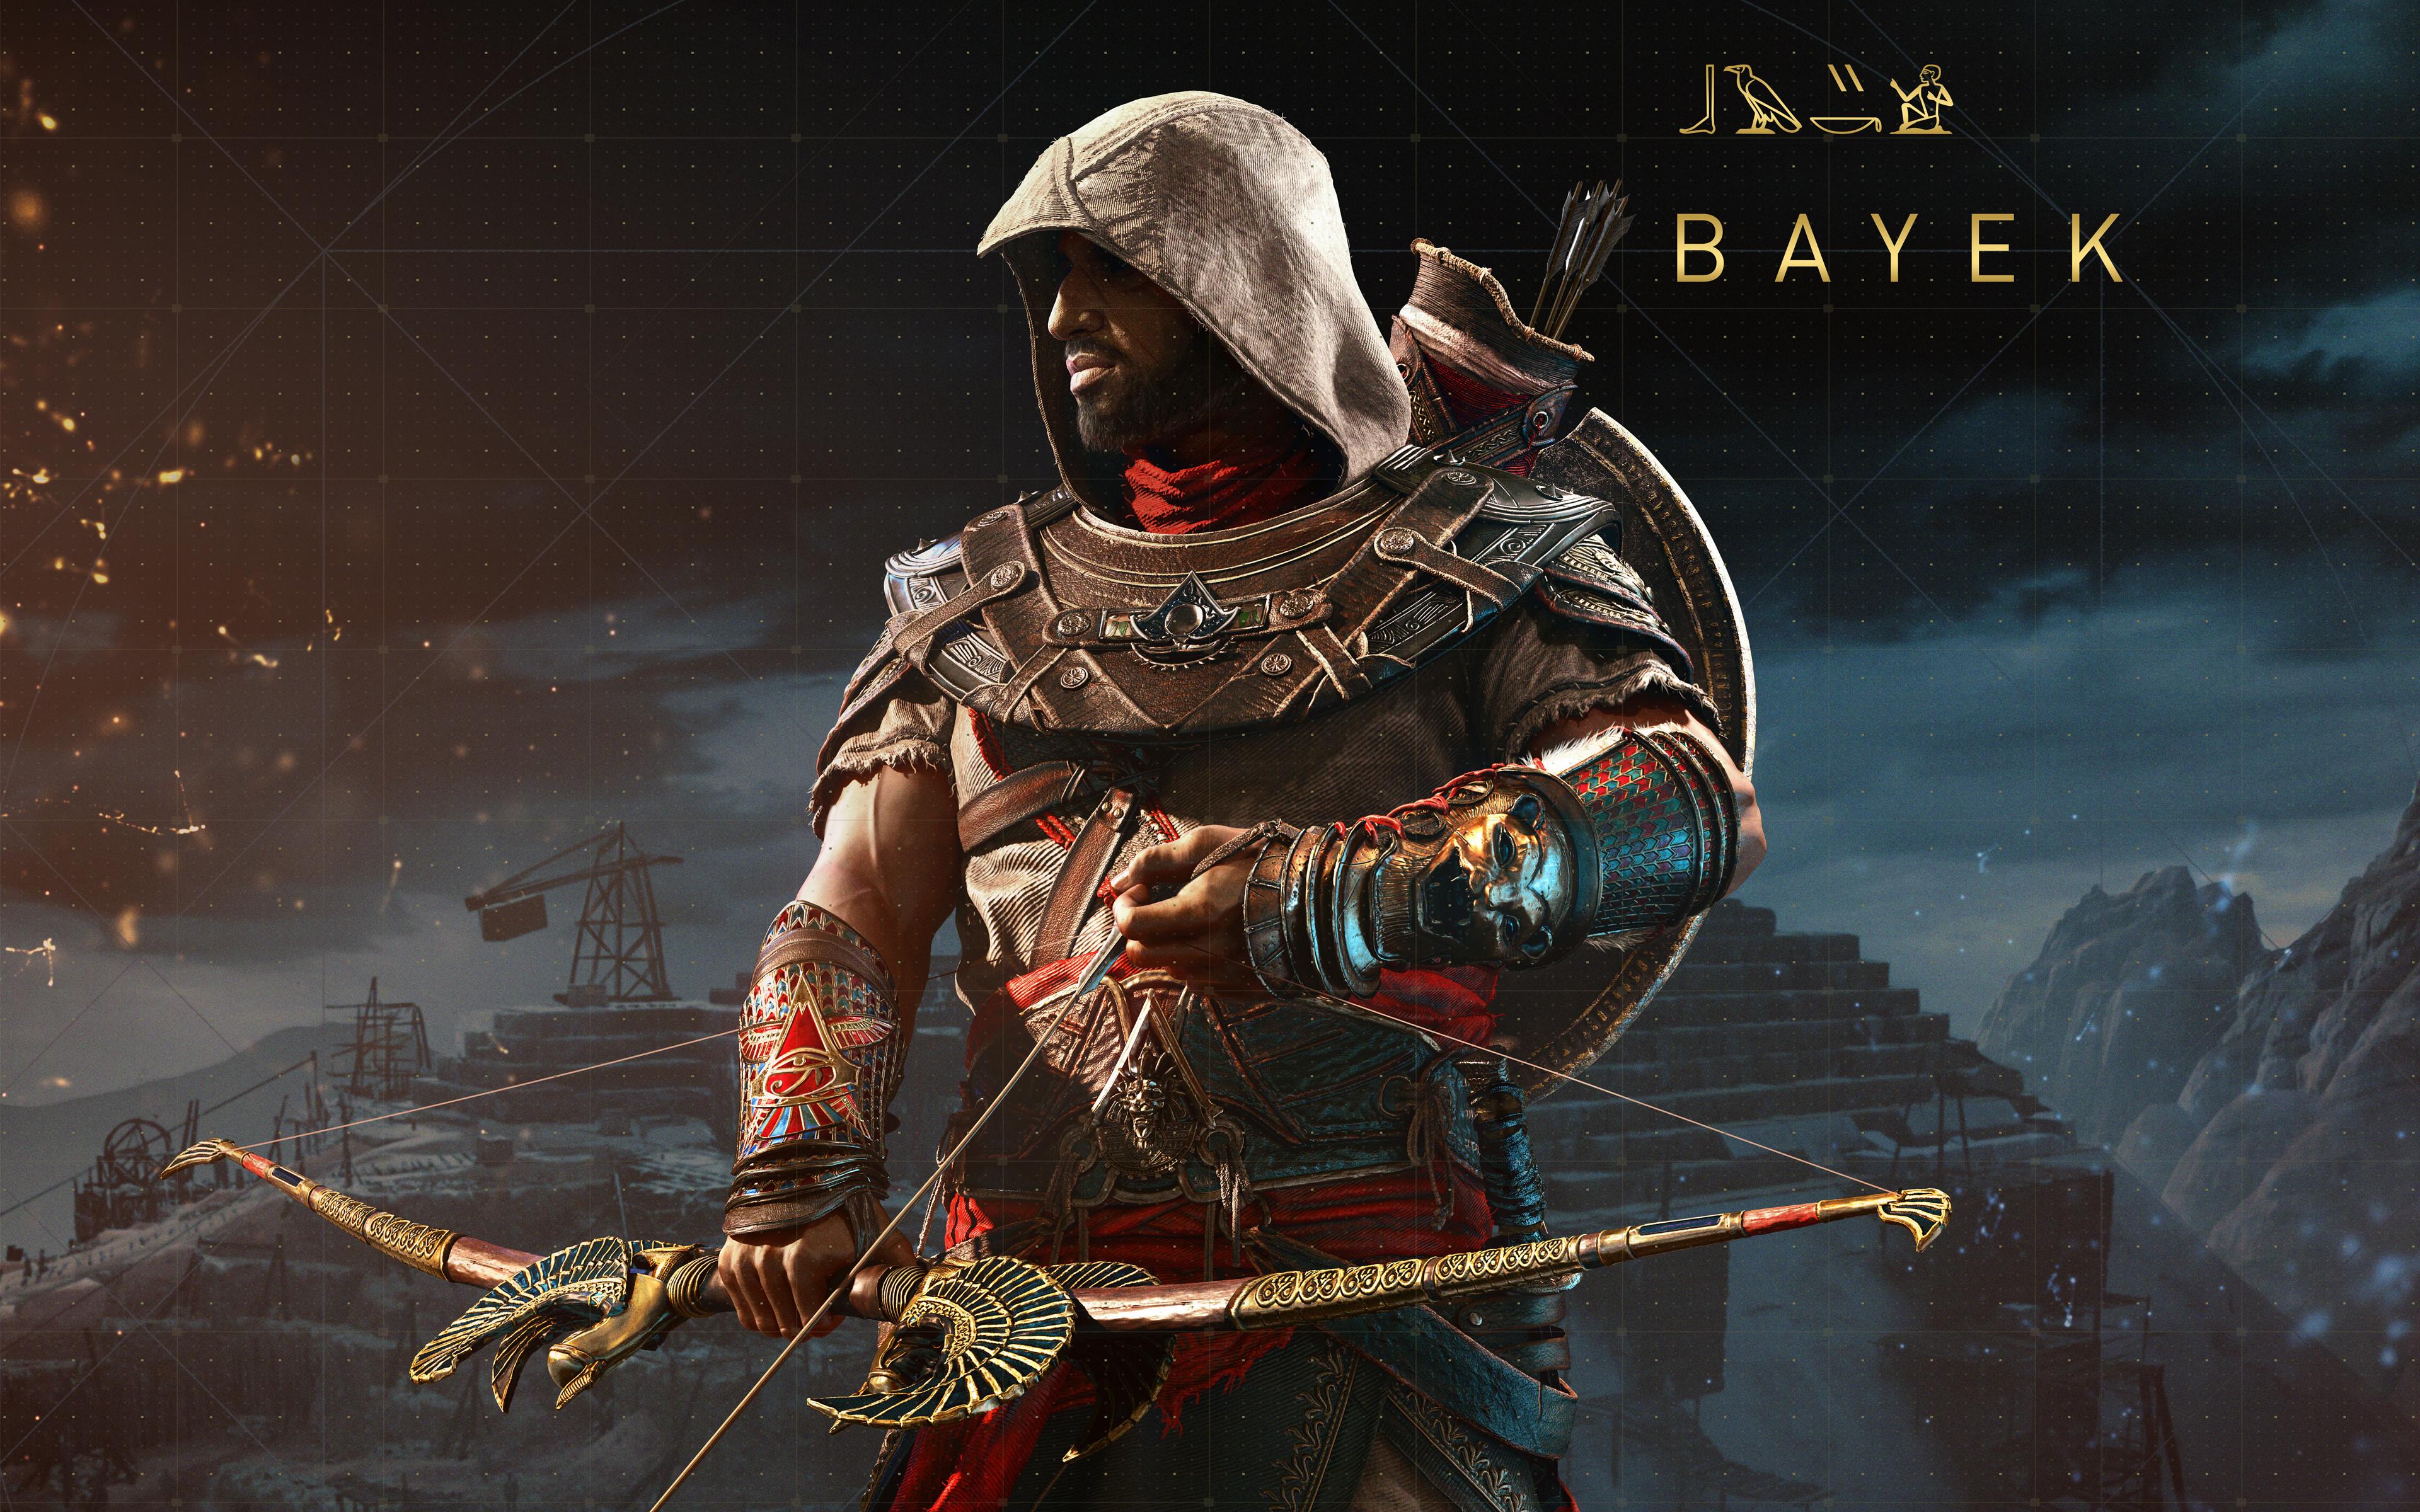 Wallpaper 4k Bayek Assassins Creed Origins The Hidden Ones 4k 8k